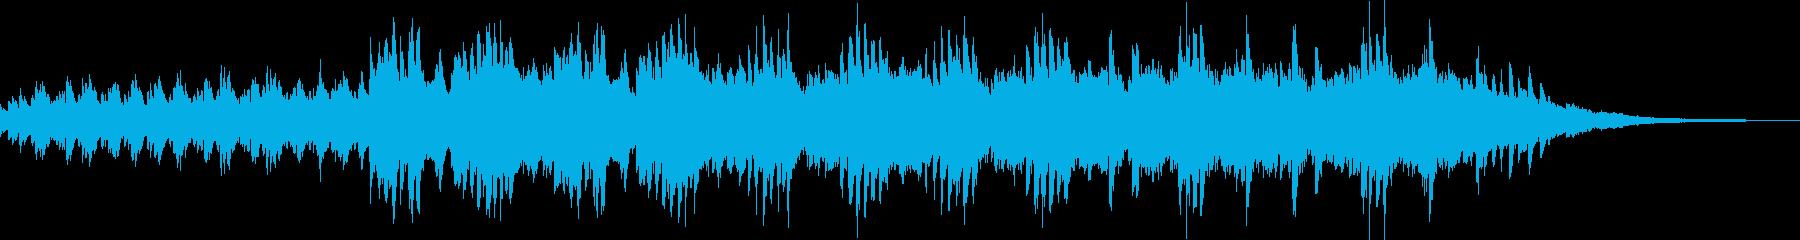 動画 センチメンタル 感情的 繰り...の再生済みの波形